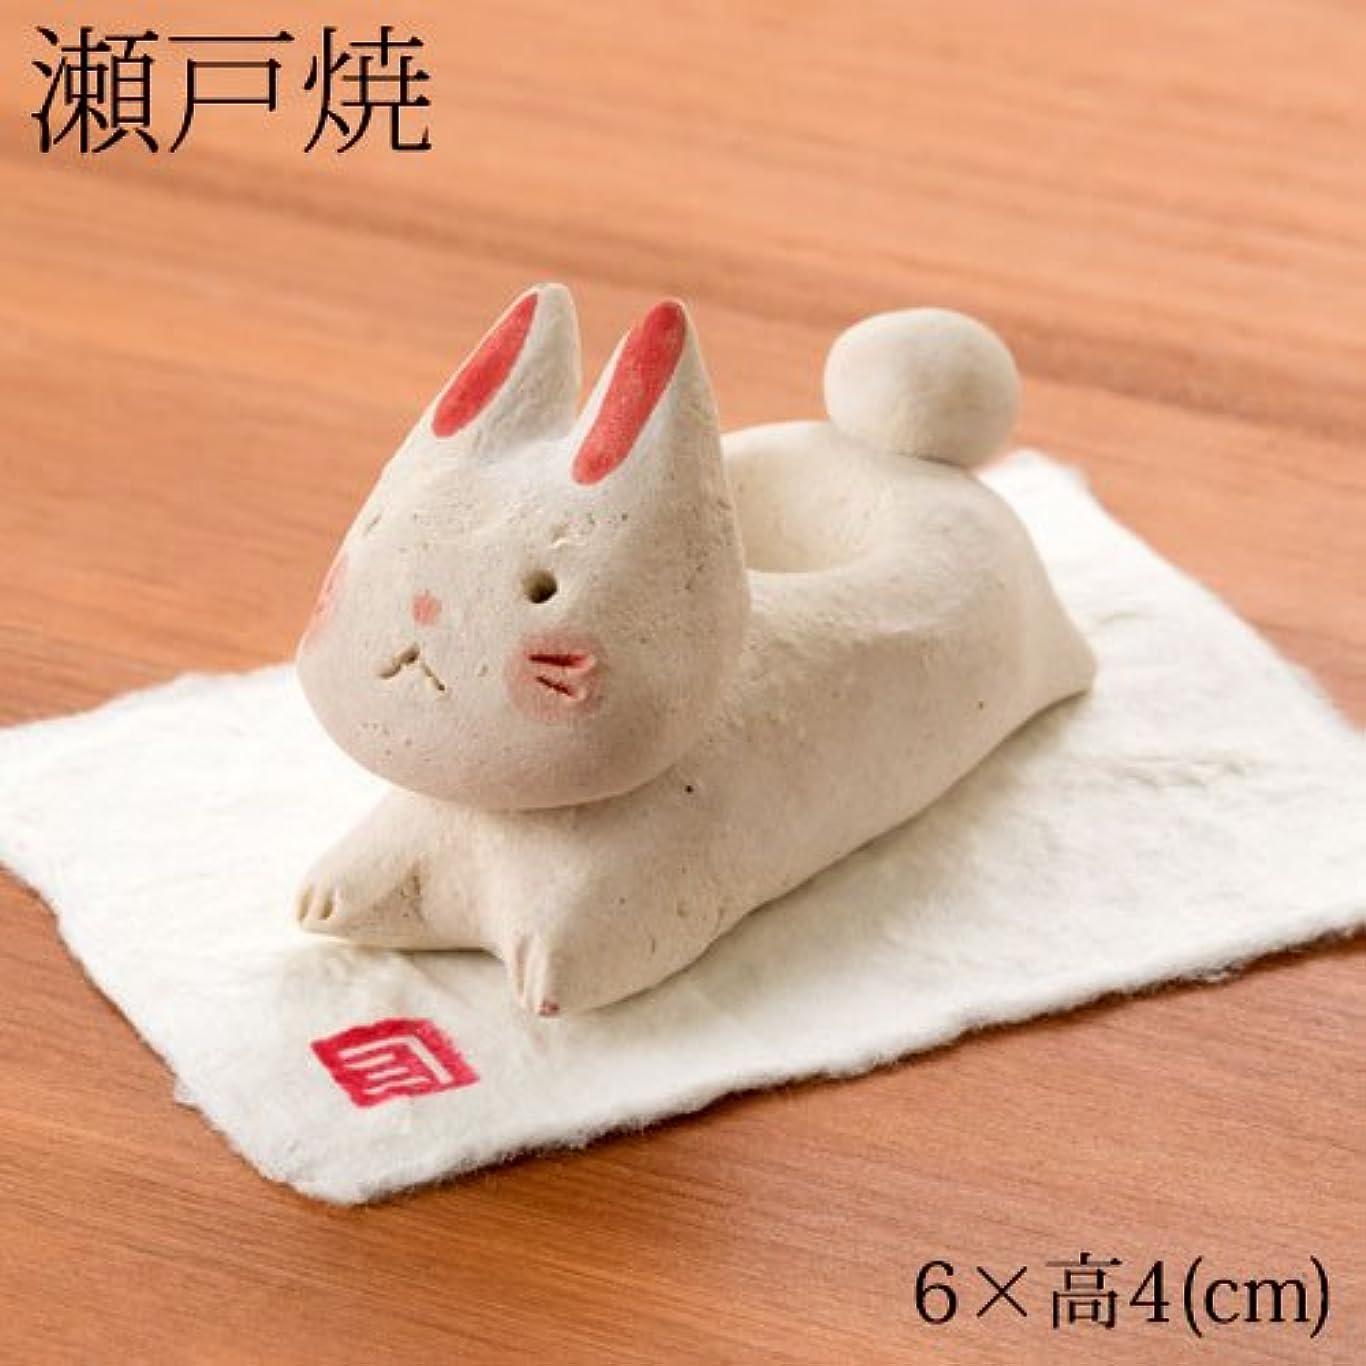 スポット家禽赤道瀬戸焼兎アロマストーン (K6302)愛知県の工芸品Seto-yaki Aroma stone, Aichi craft